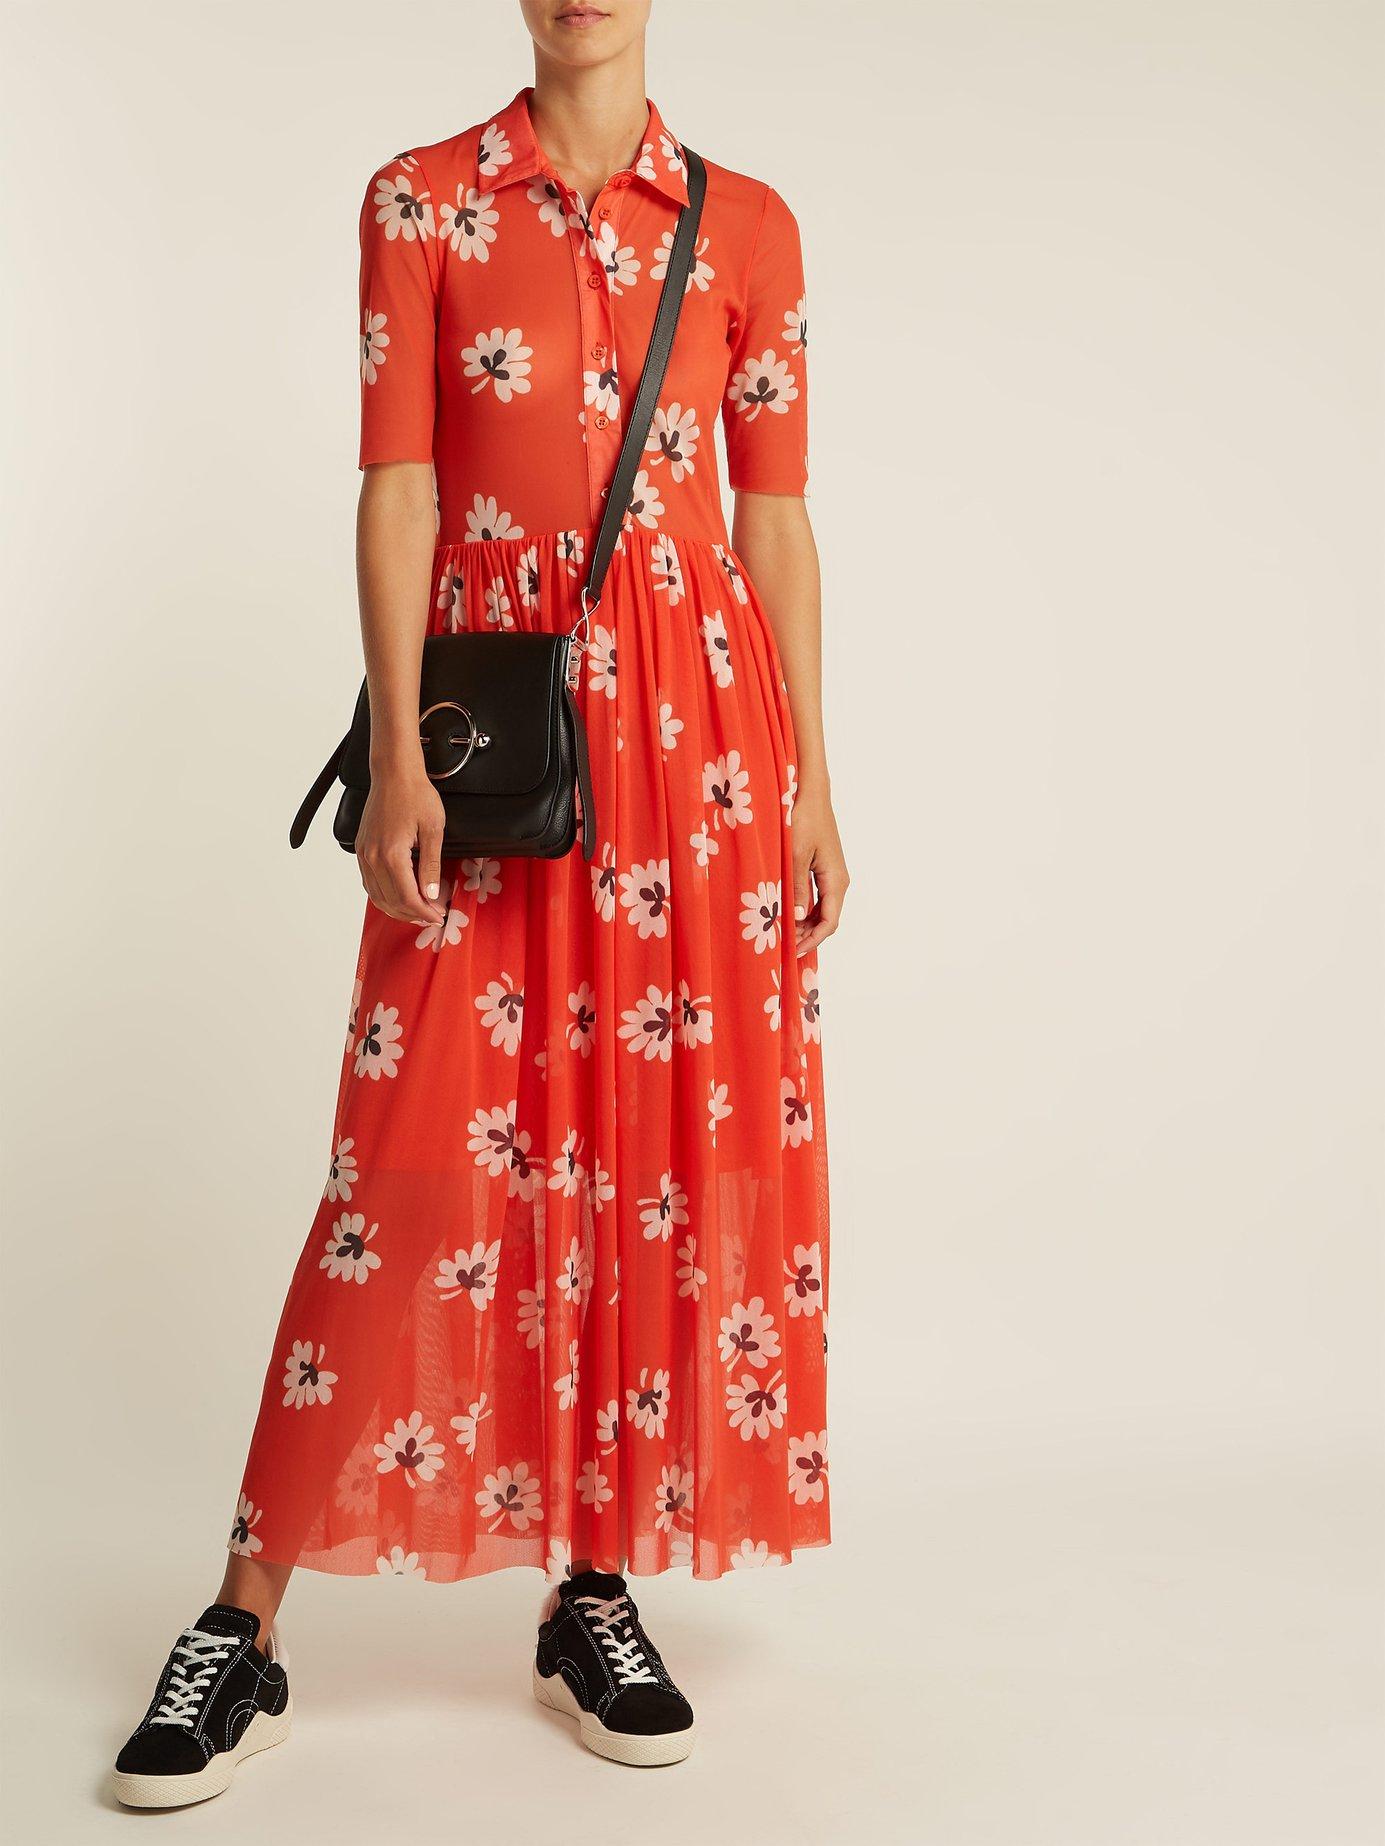 Tilden floral-print mesh shirt dress by Ganni